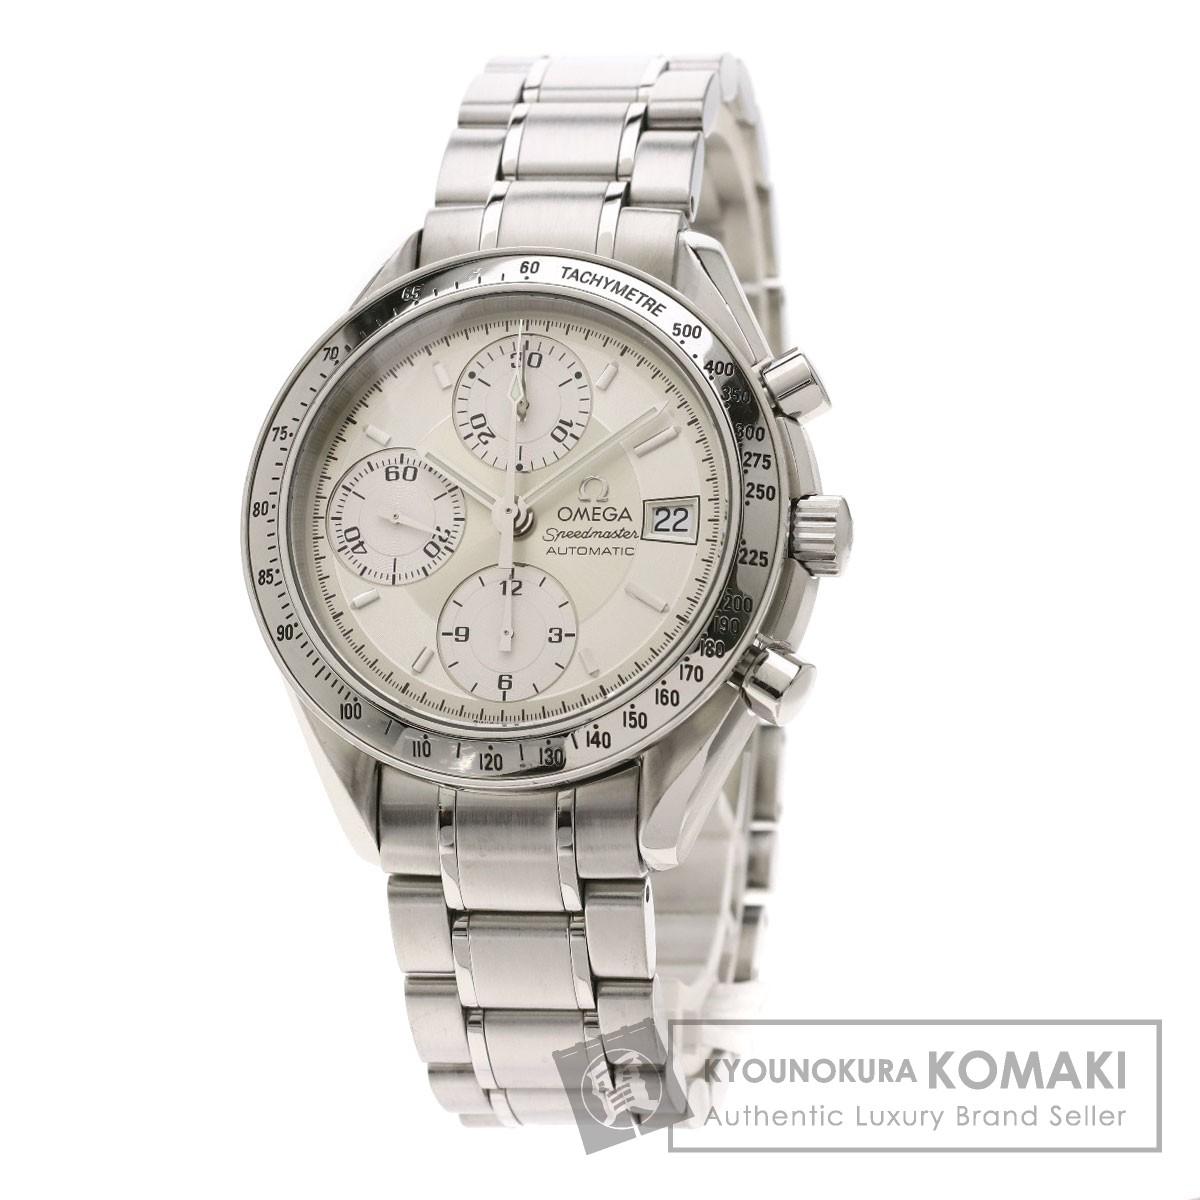 オメガ 3513-30 スピードマスター 腕時計 ステンレススチール/SS メンズ 【中古】【OMEGA】